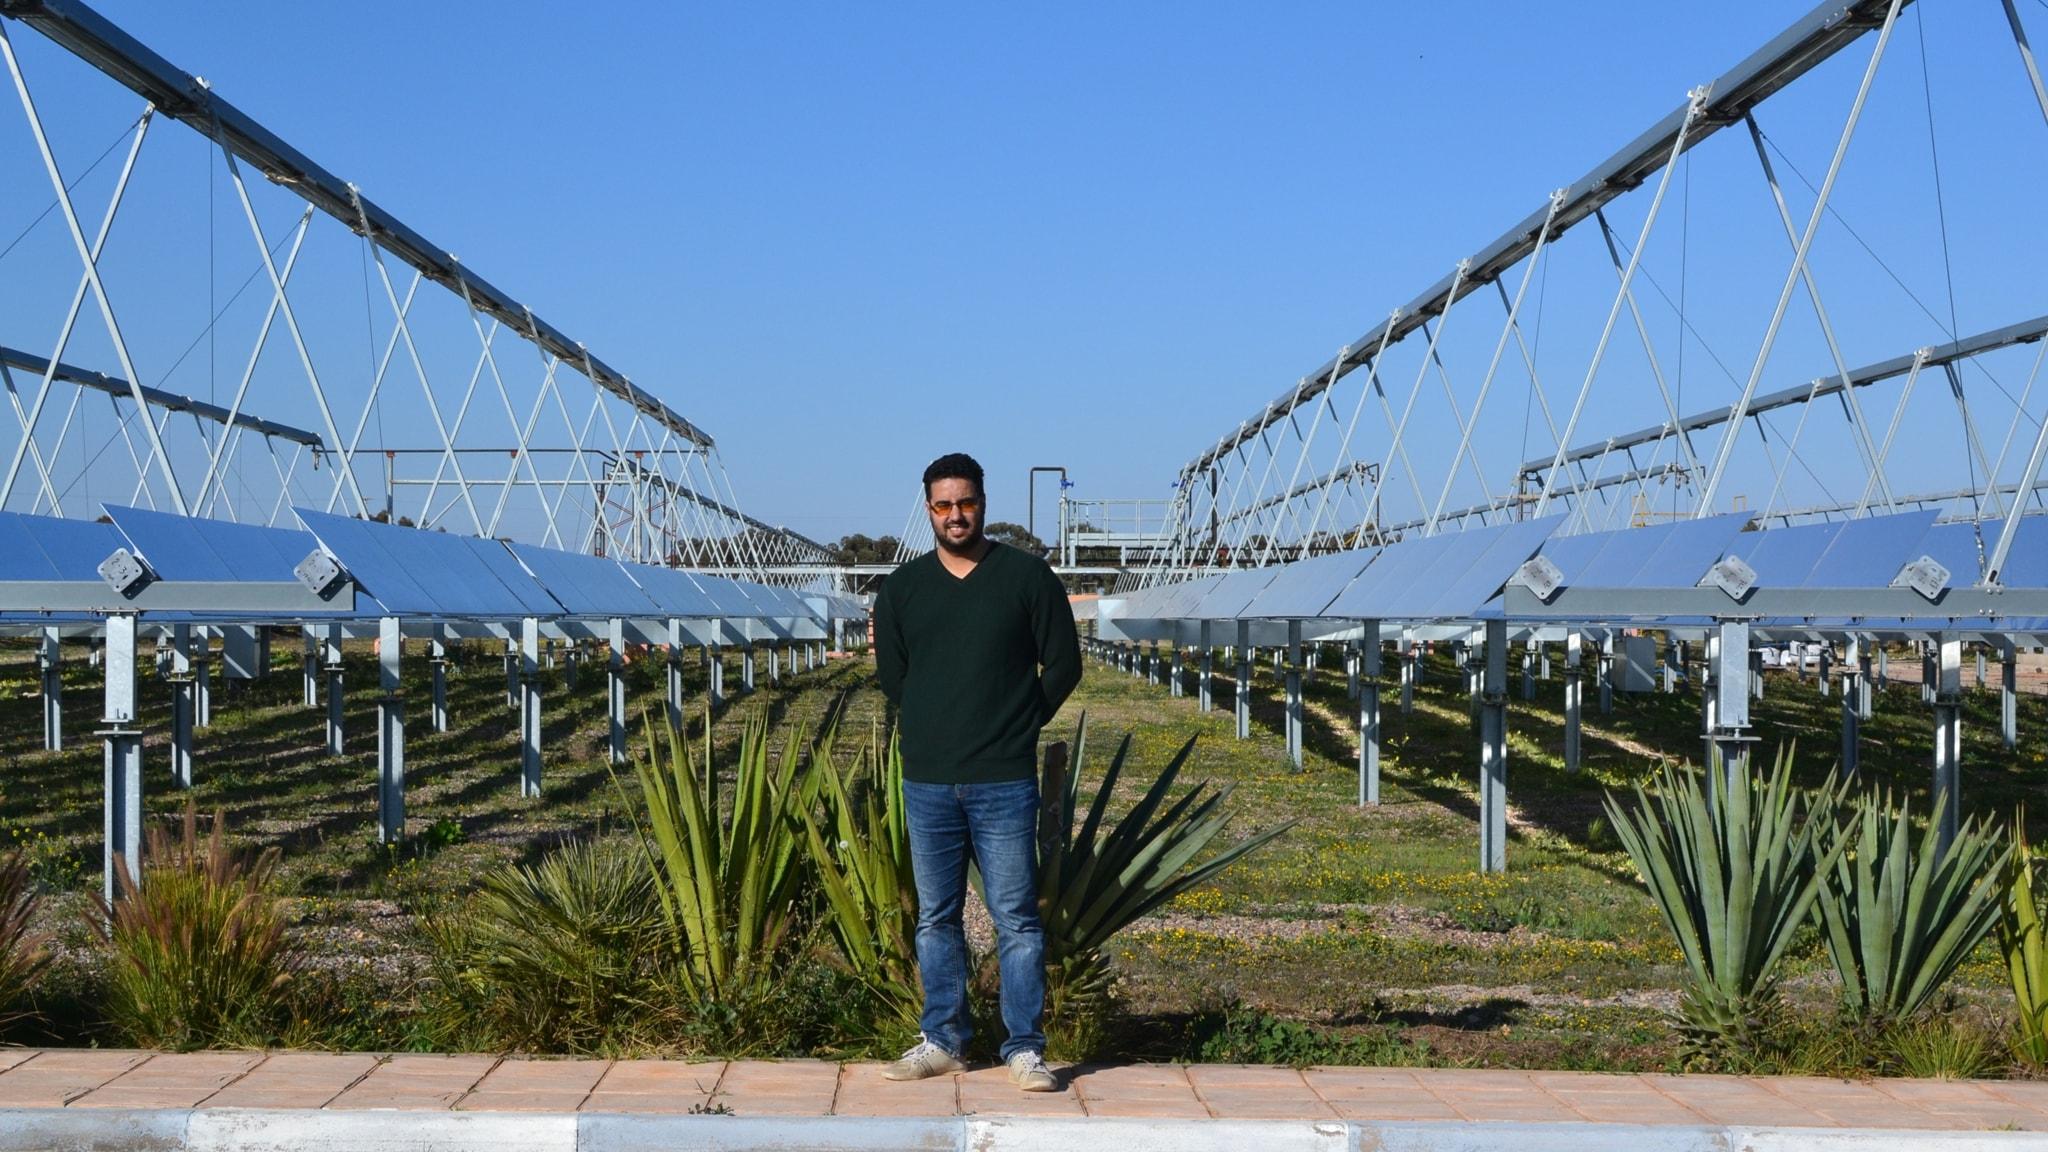 El Ghali Bennouna vid solkraftverk